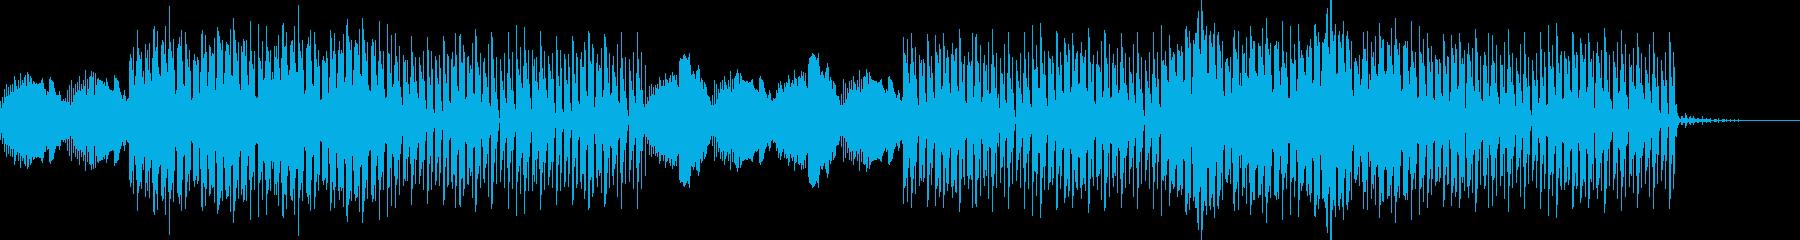 疾走感・ミステリアス・テクスチャーハウスの再生済みの波形